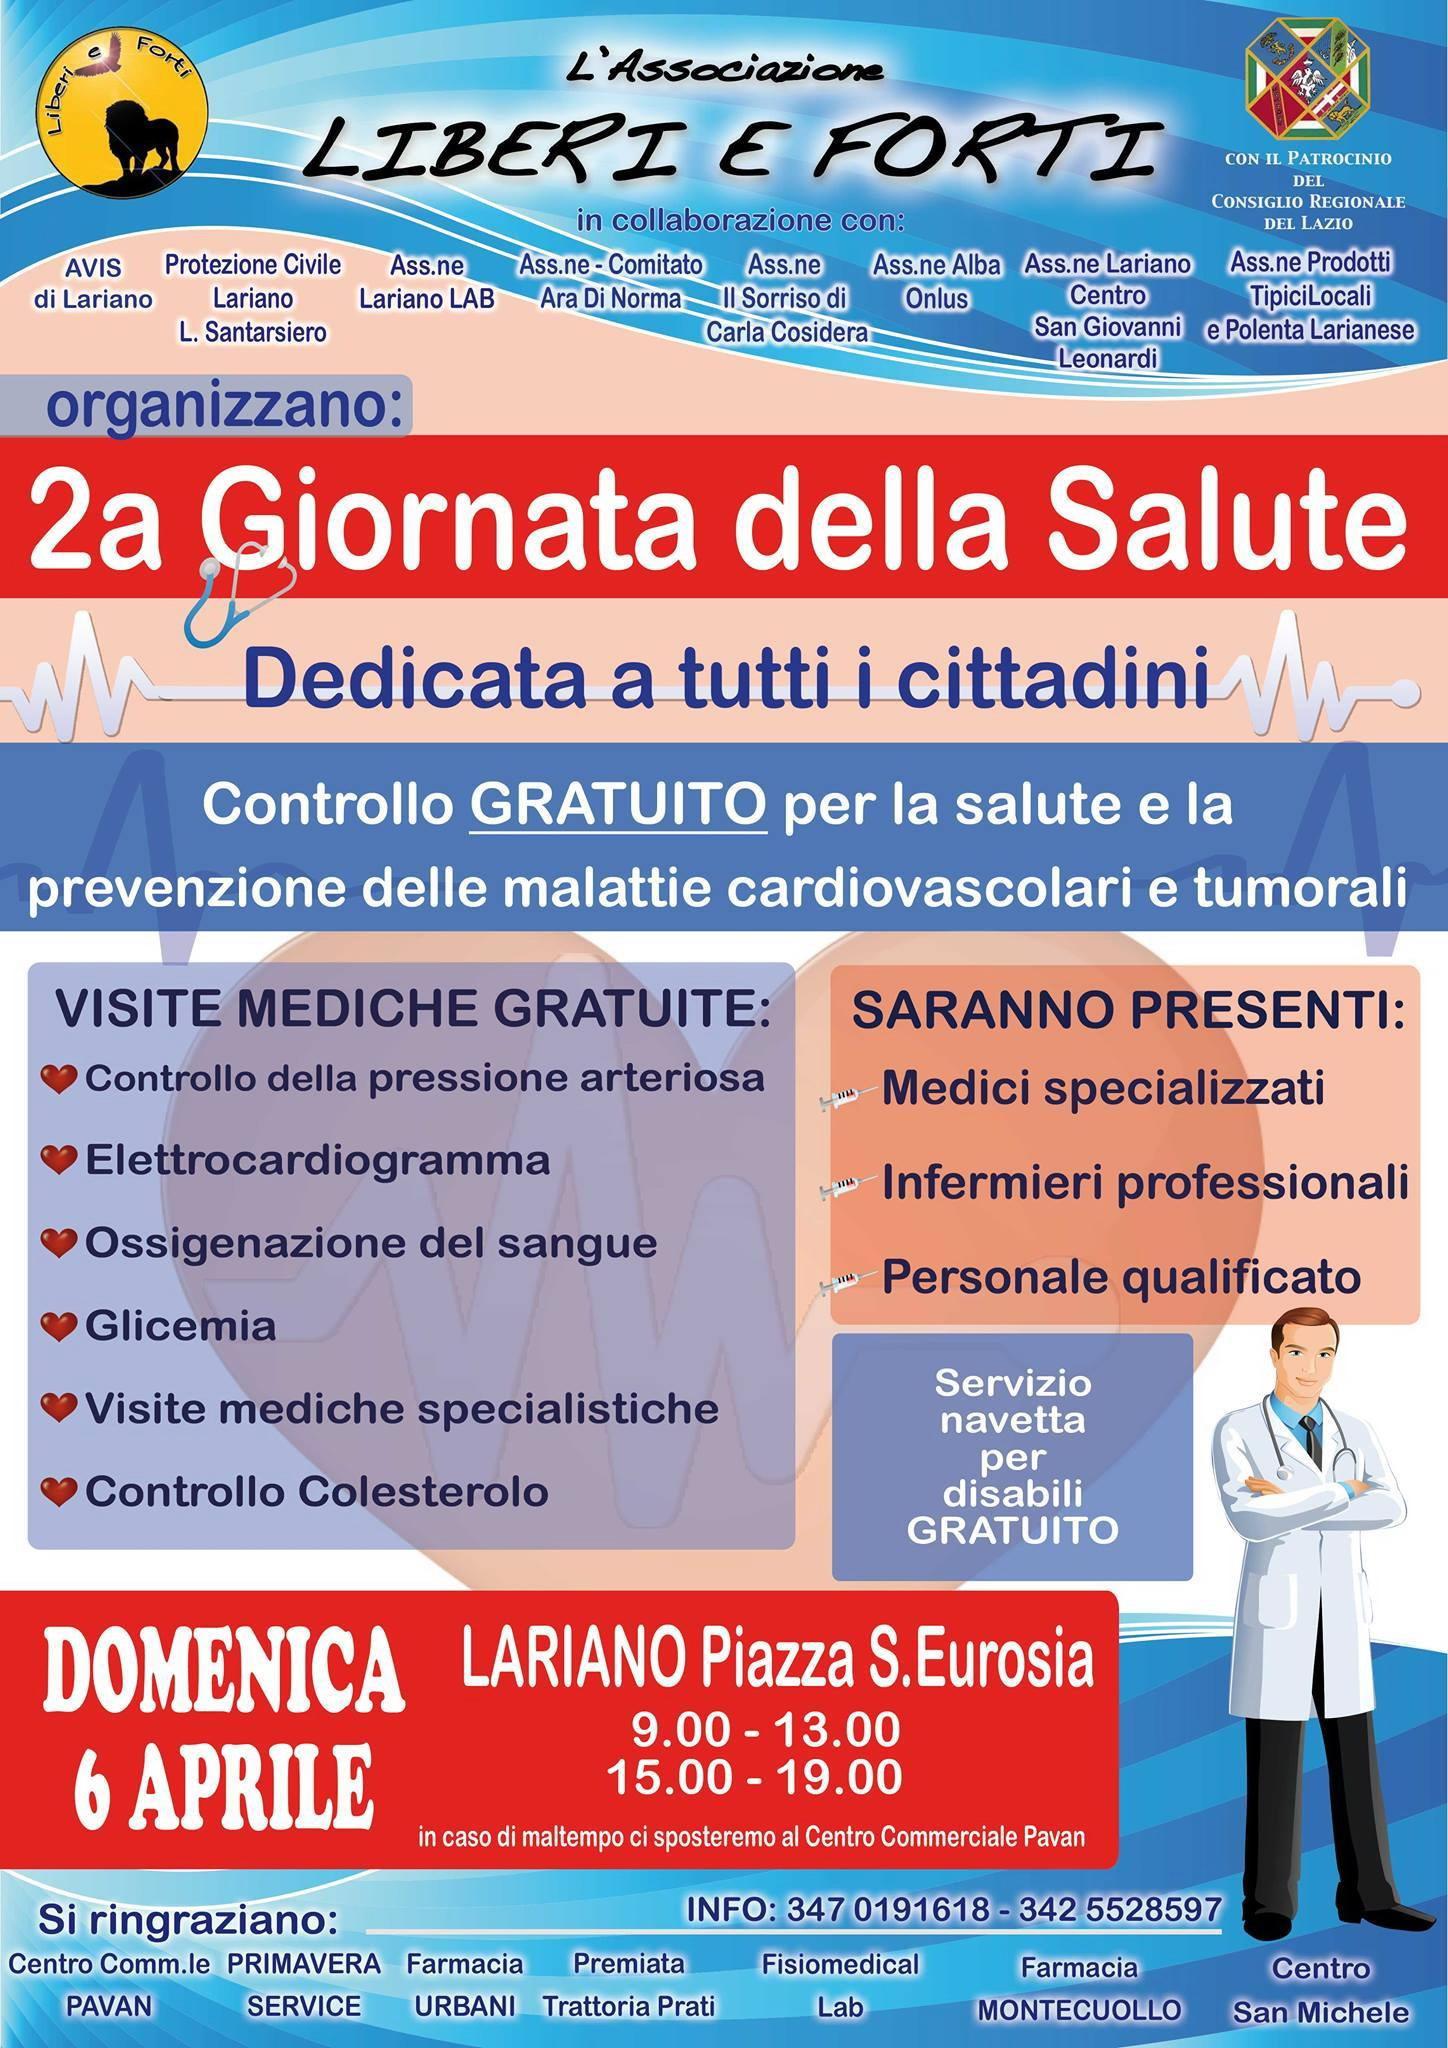 seconda_giornata_della_salute_a_lariano